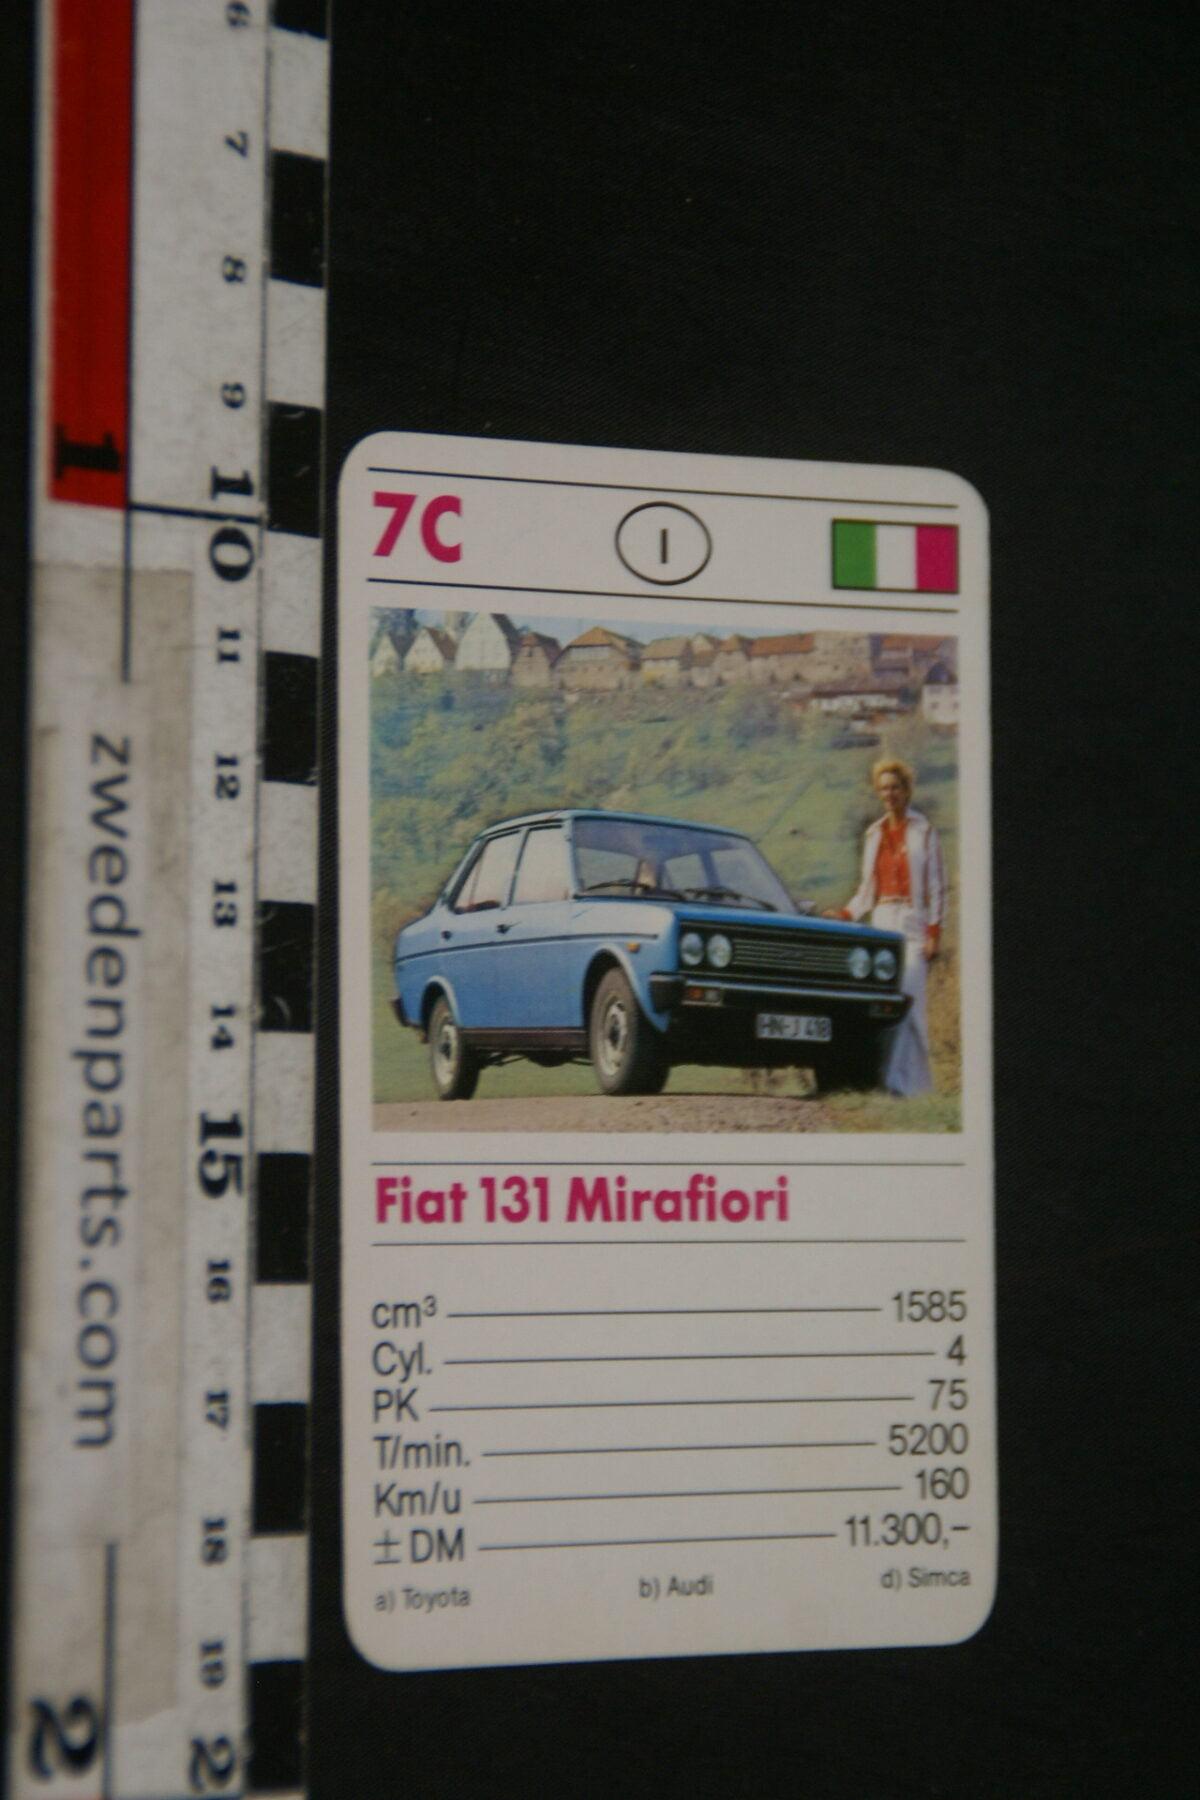 DSC02306 ca. 1975 origineel autokwartetkaart Fiat Mirafiori-ebbd4934